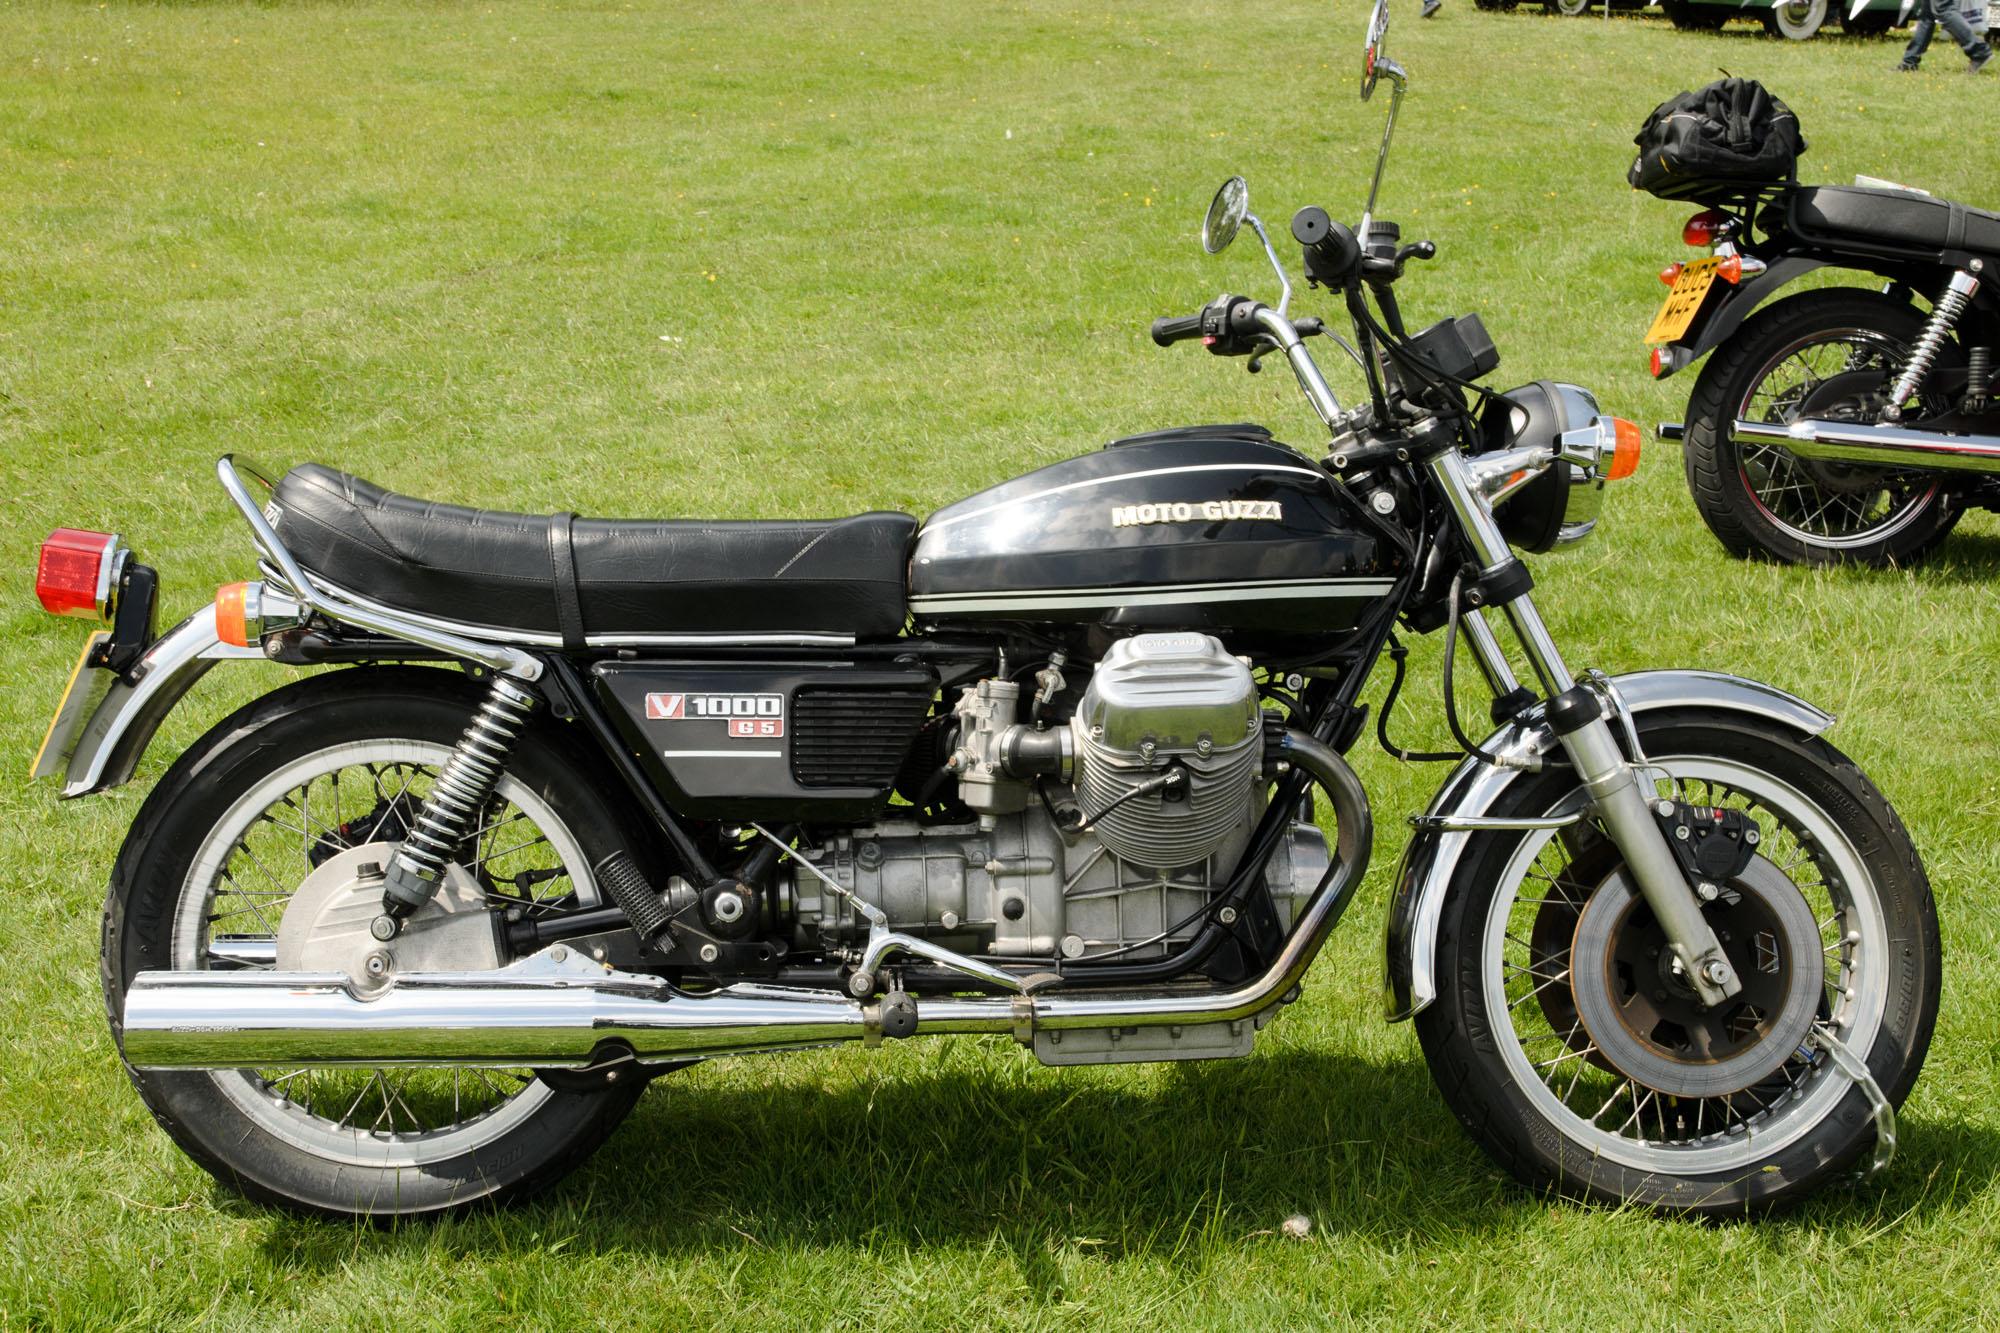 Moto Guzzi V Racer Accessories Uk